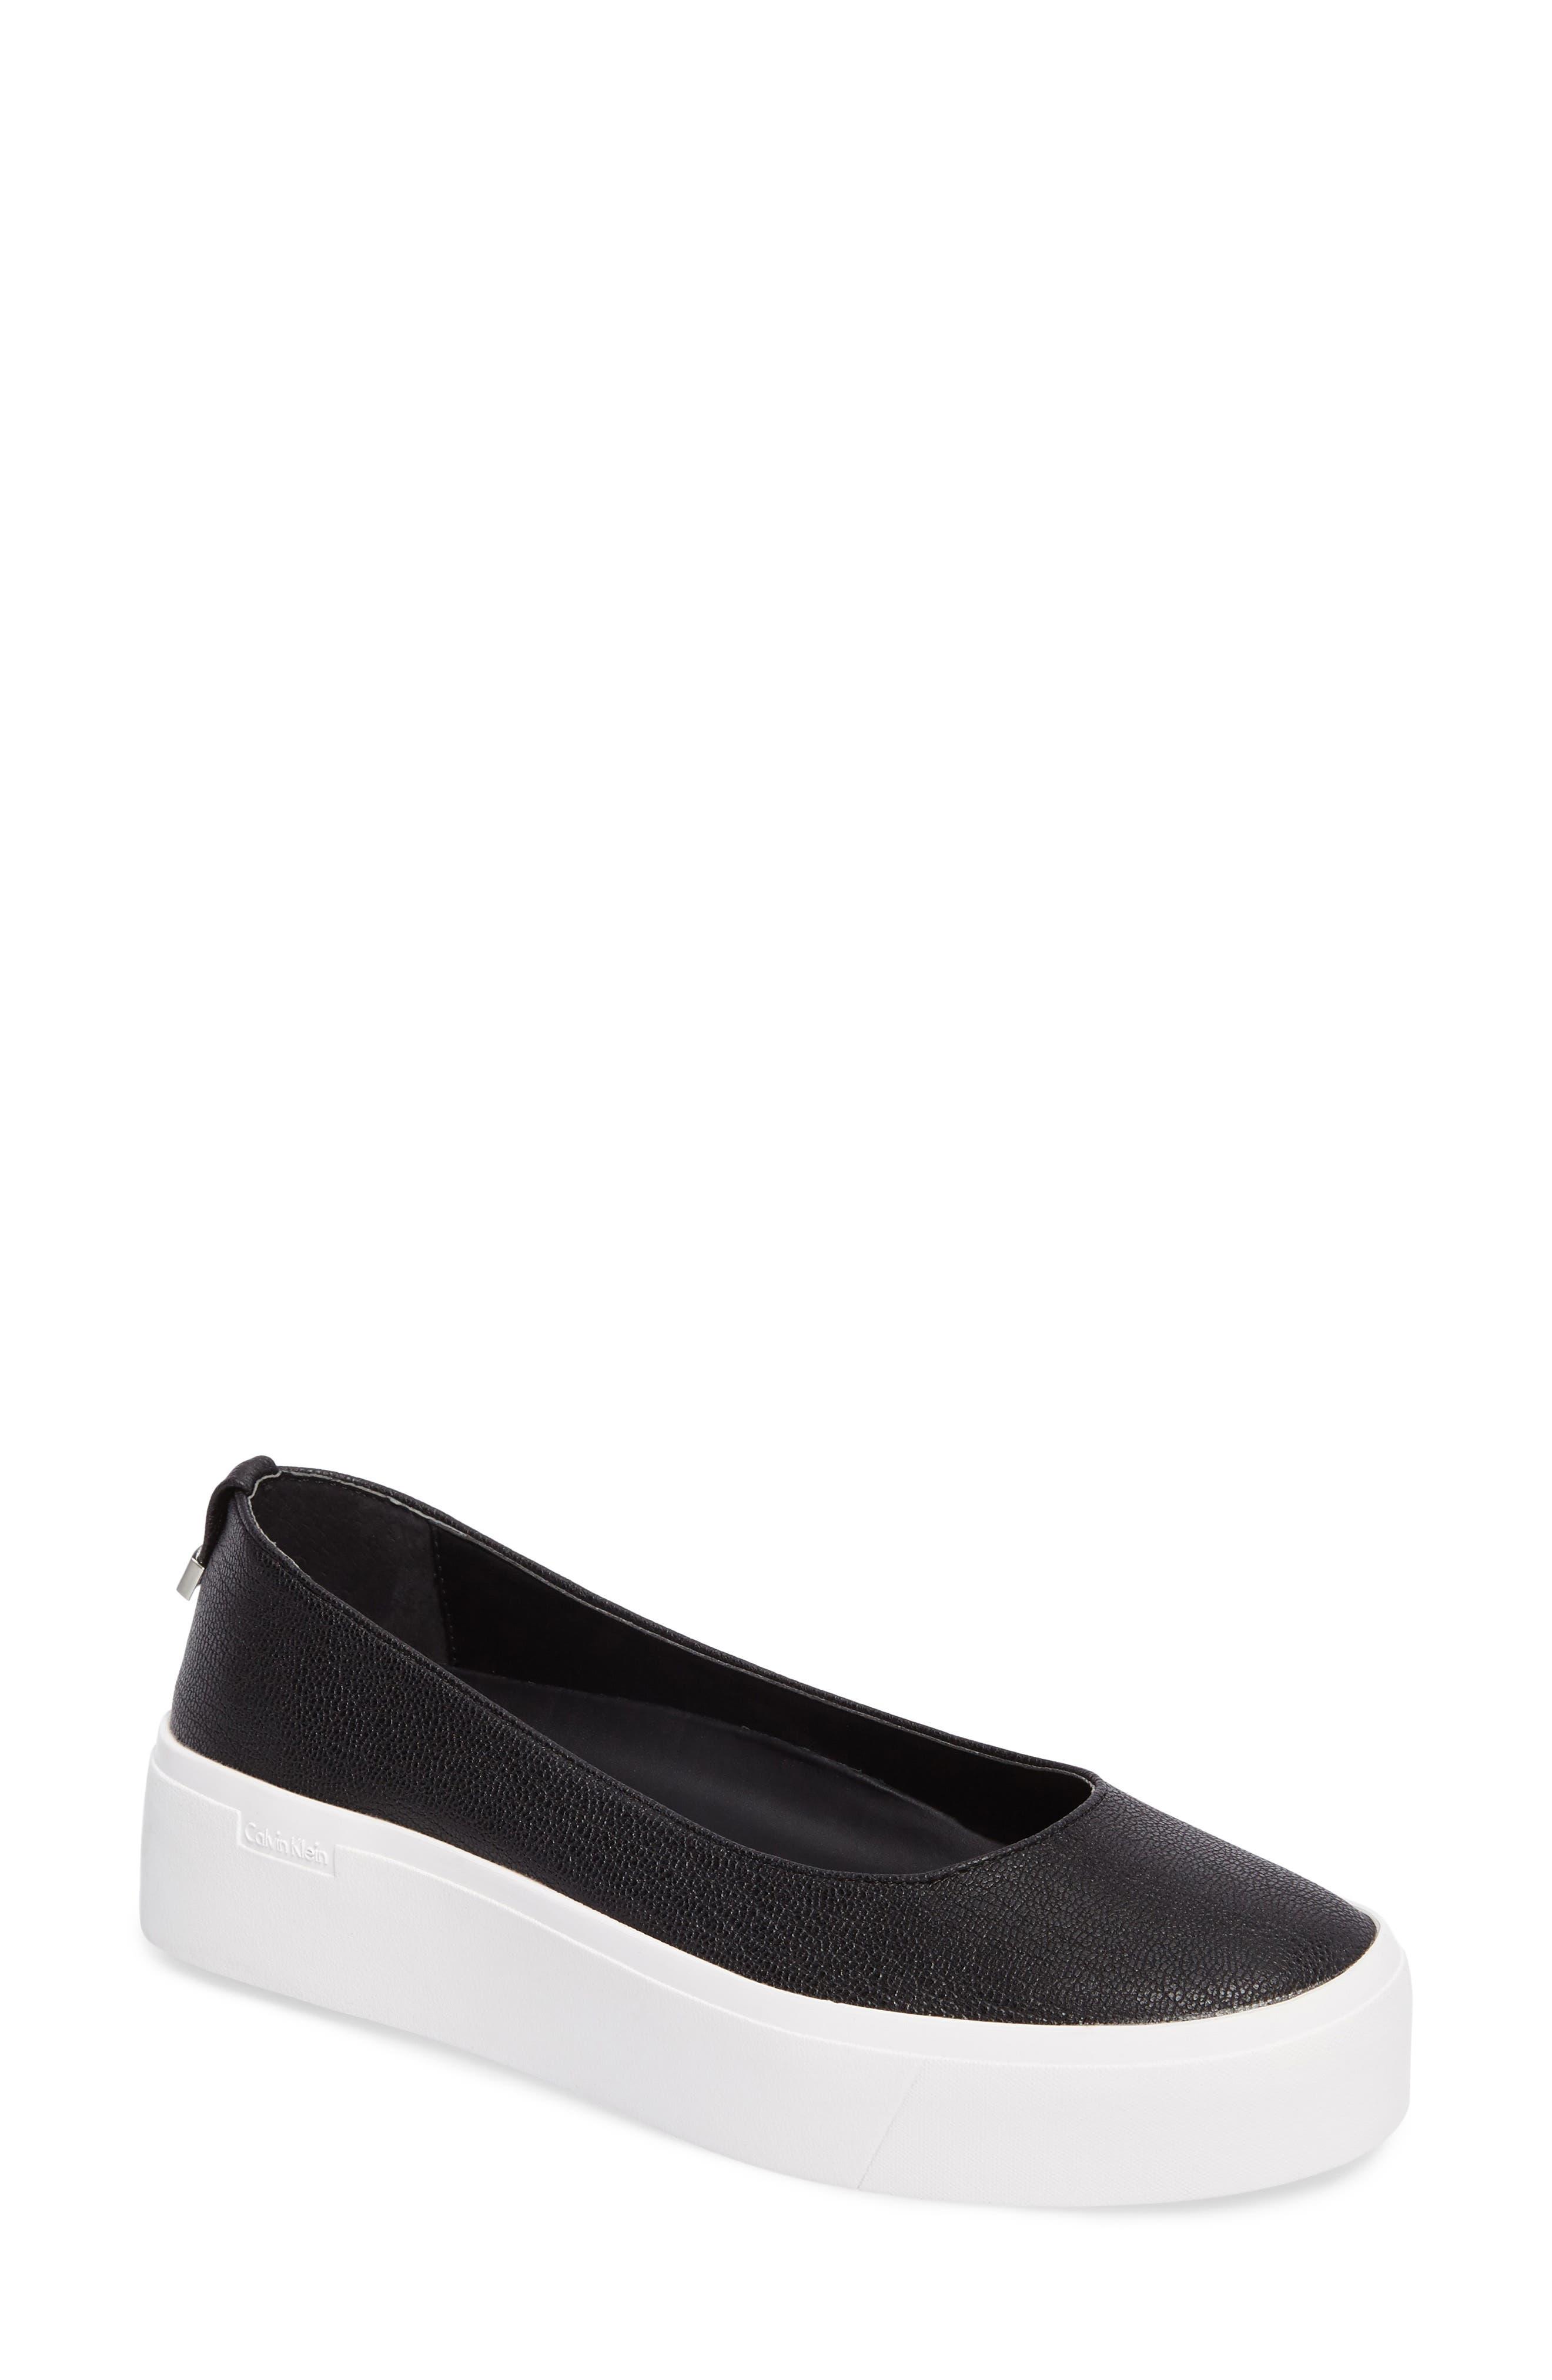 Janie Platform Flat,                         Main,                         color, Black Pebble Leather